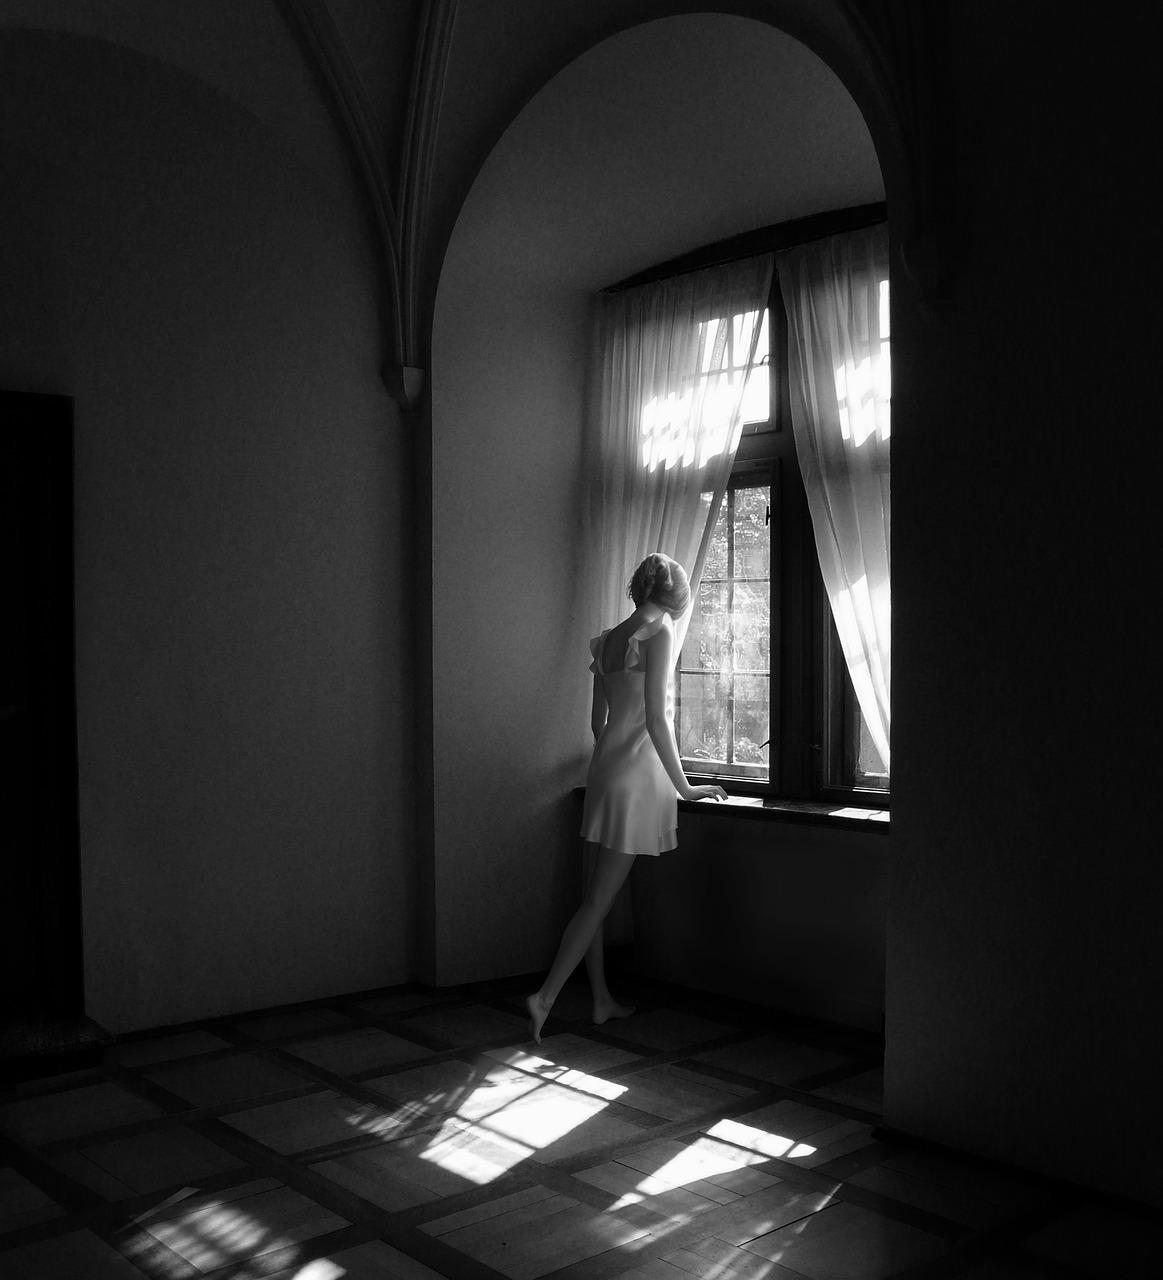 Licht als Gestaltungselement